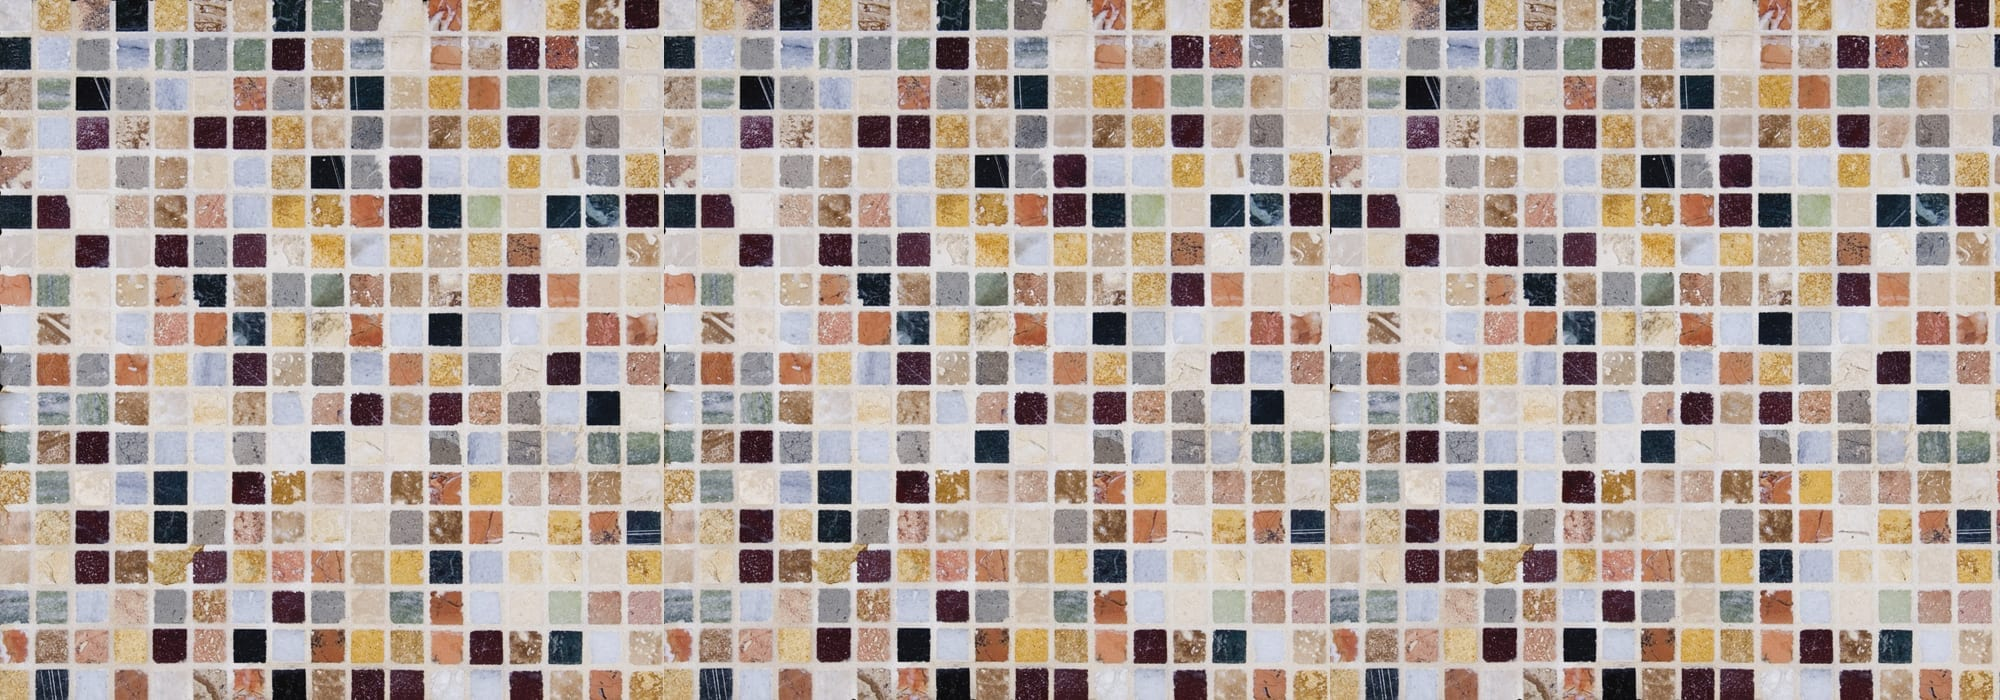 פסיפס אבן משה ישראלי 1.5*1.5 מלוטש מבריק by Milstone